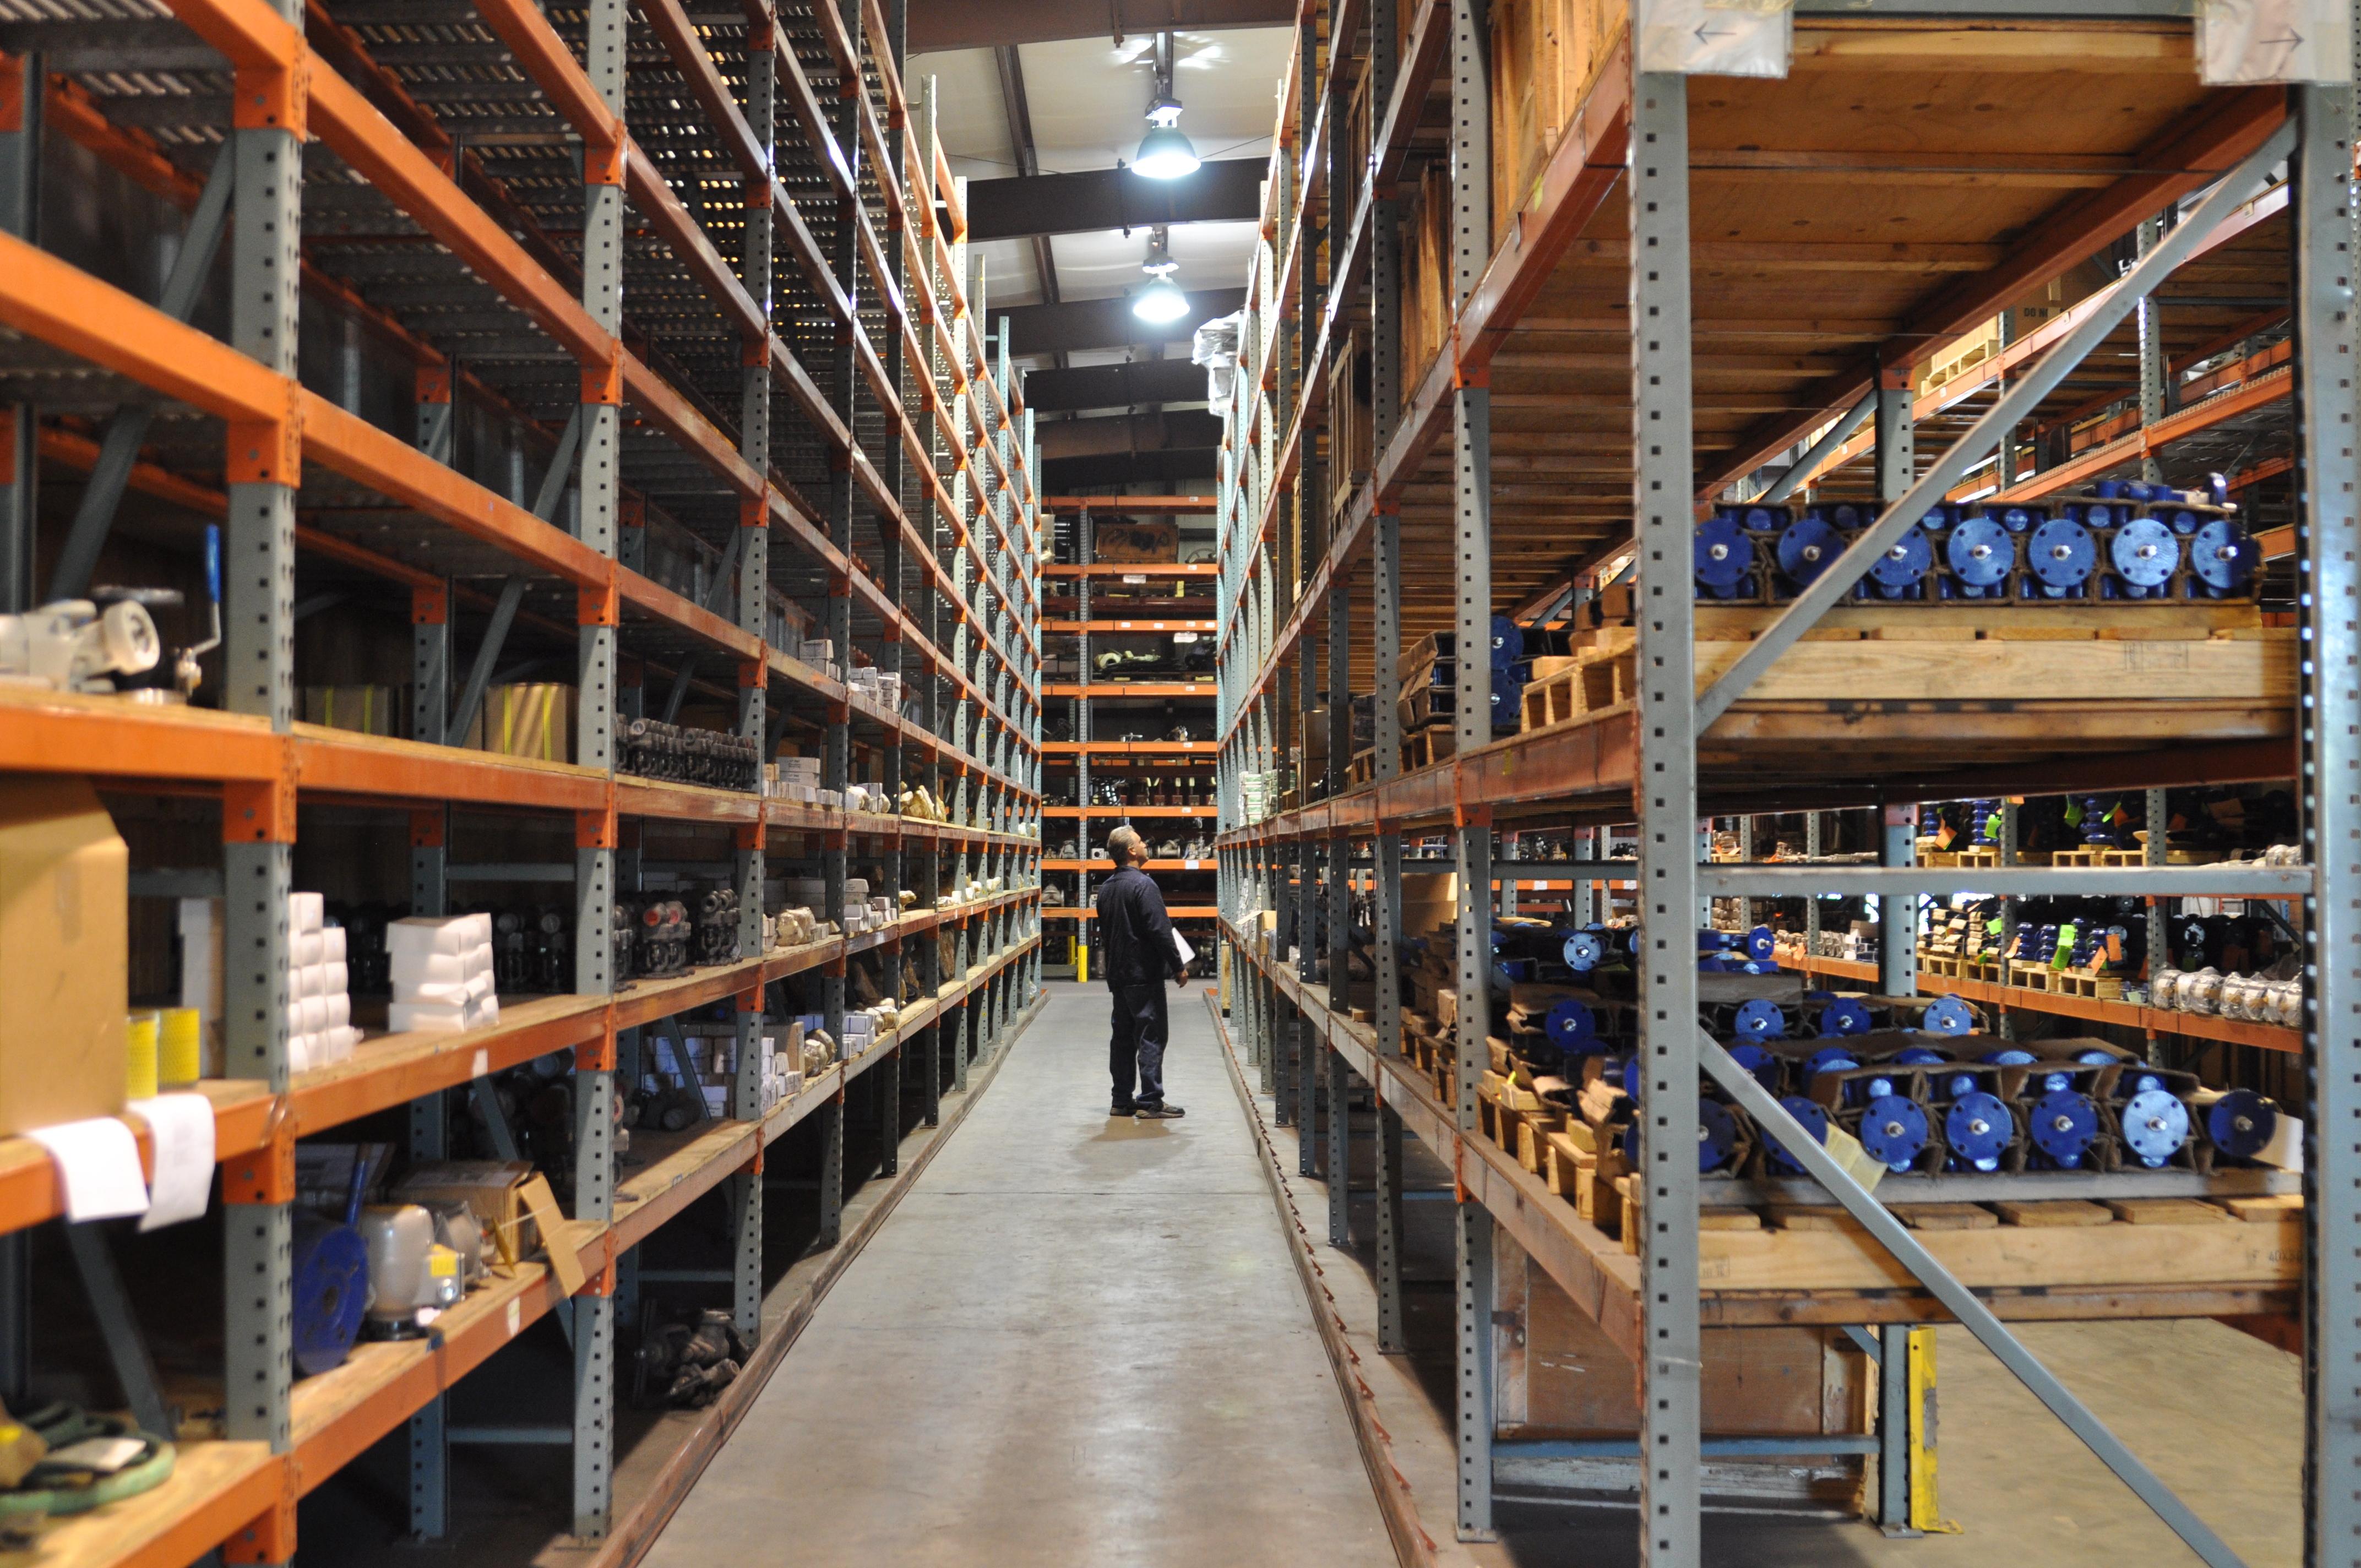 warehouse-1.jpg#asset:1836